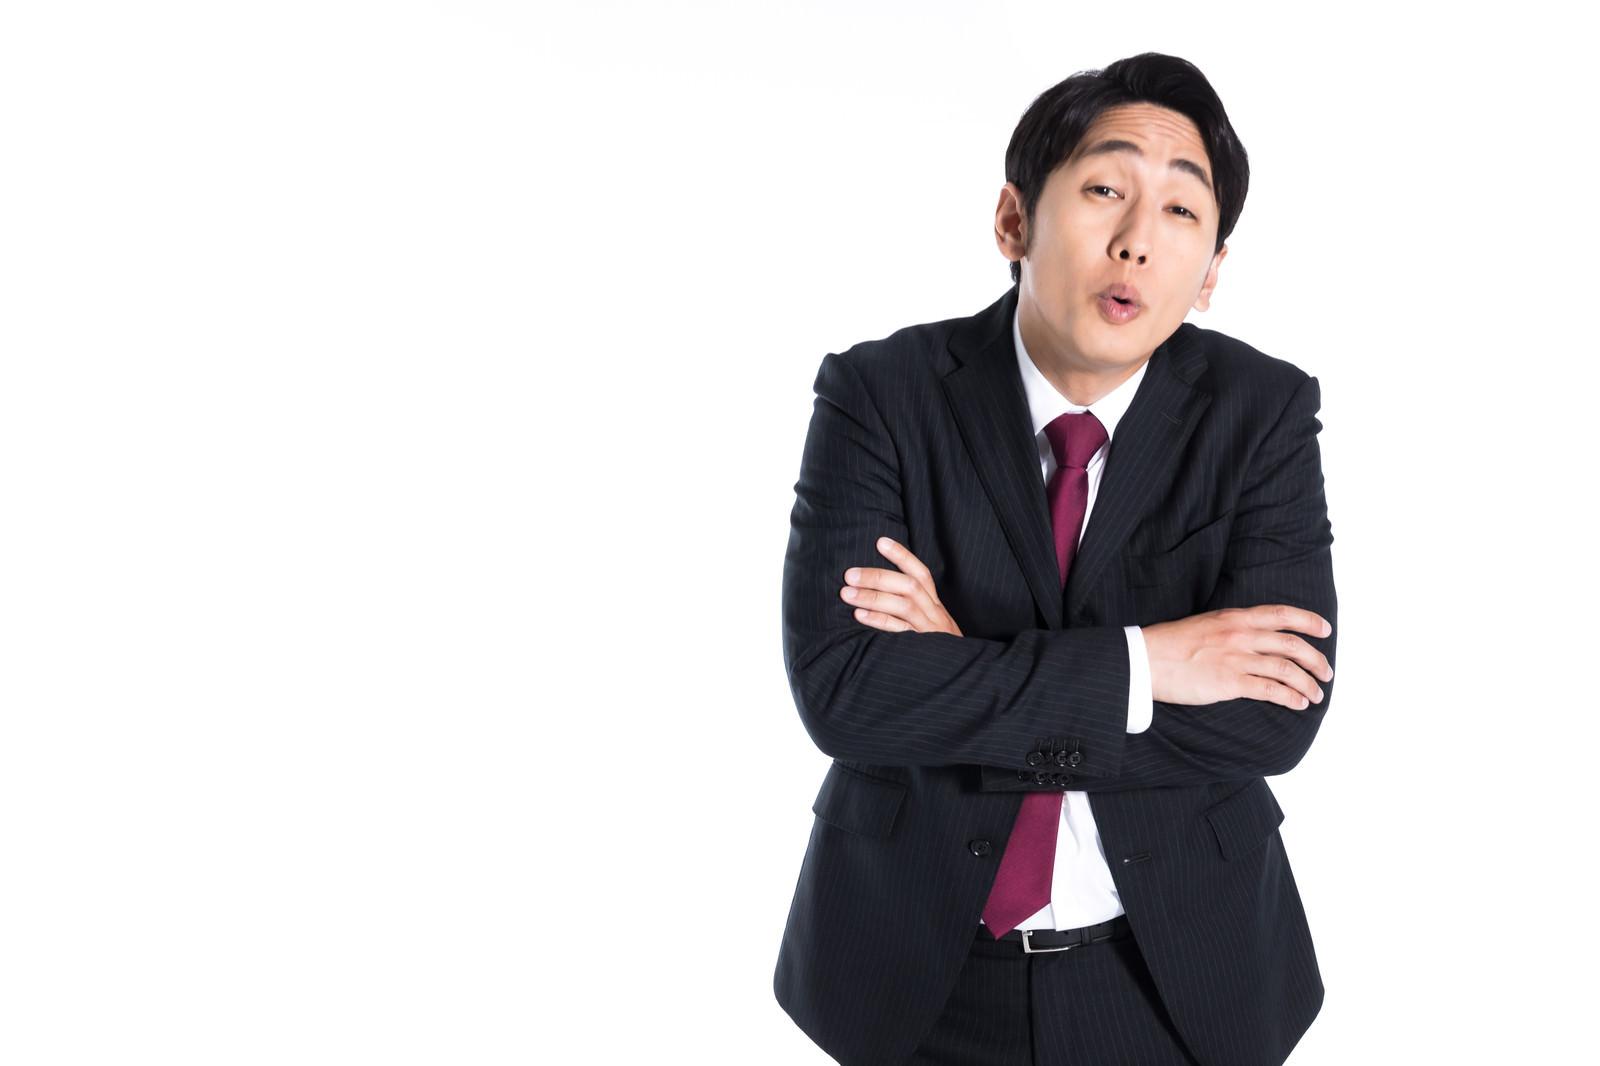 「上から目線で指導する先輩会社員」の写真[モデル:大川竜弥]